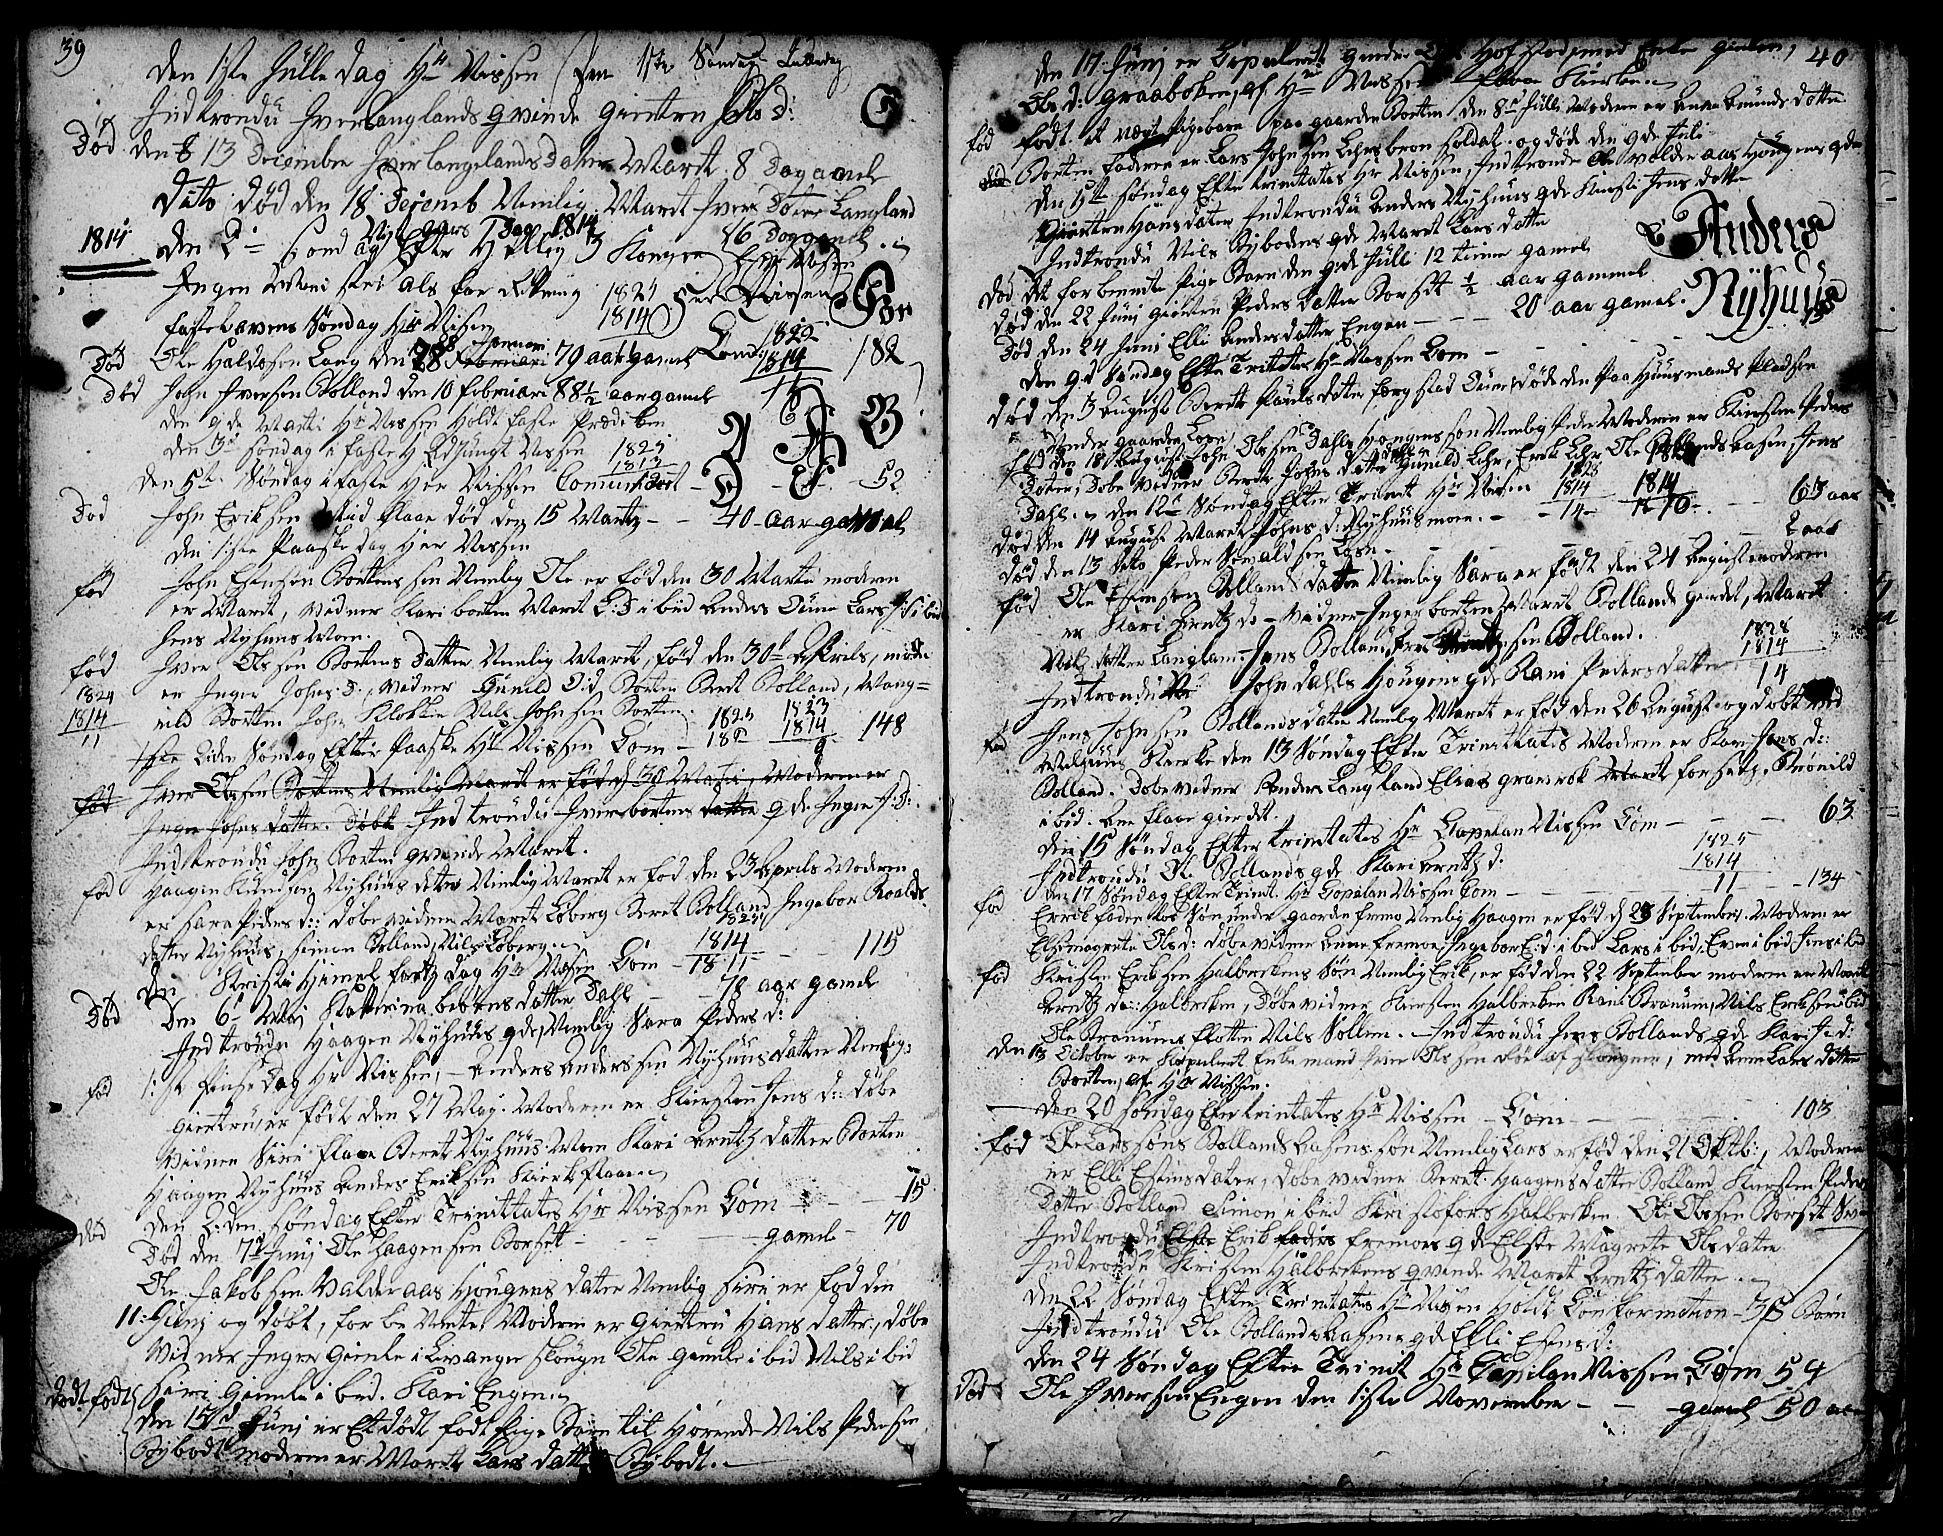 SAT, Ministerialprotokoller, klokkerbøker og fødselsregistre - Sør-Trøndelag, 693/L1120: Klokkerbok nr. 693C01, 1799-1816, s. 39-40